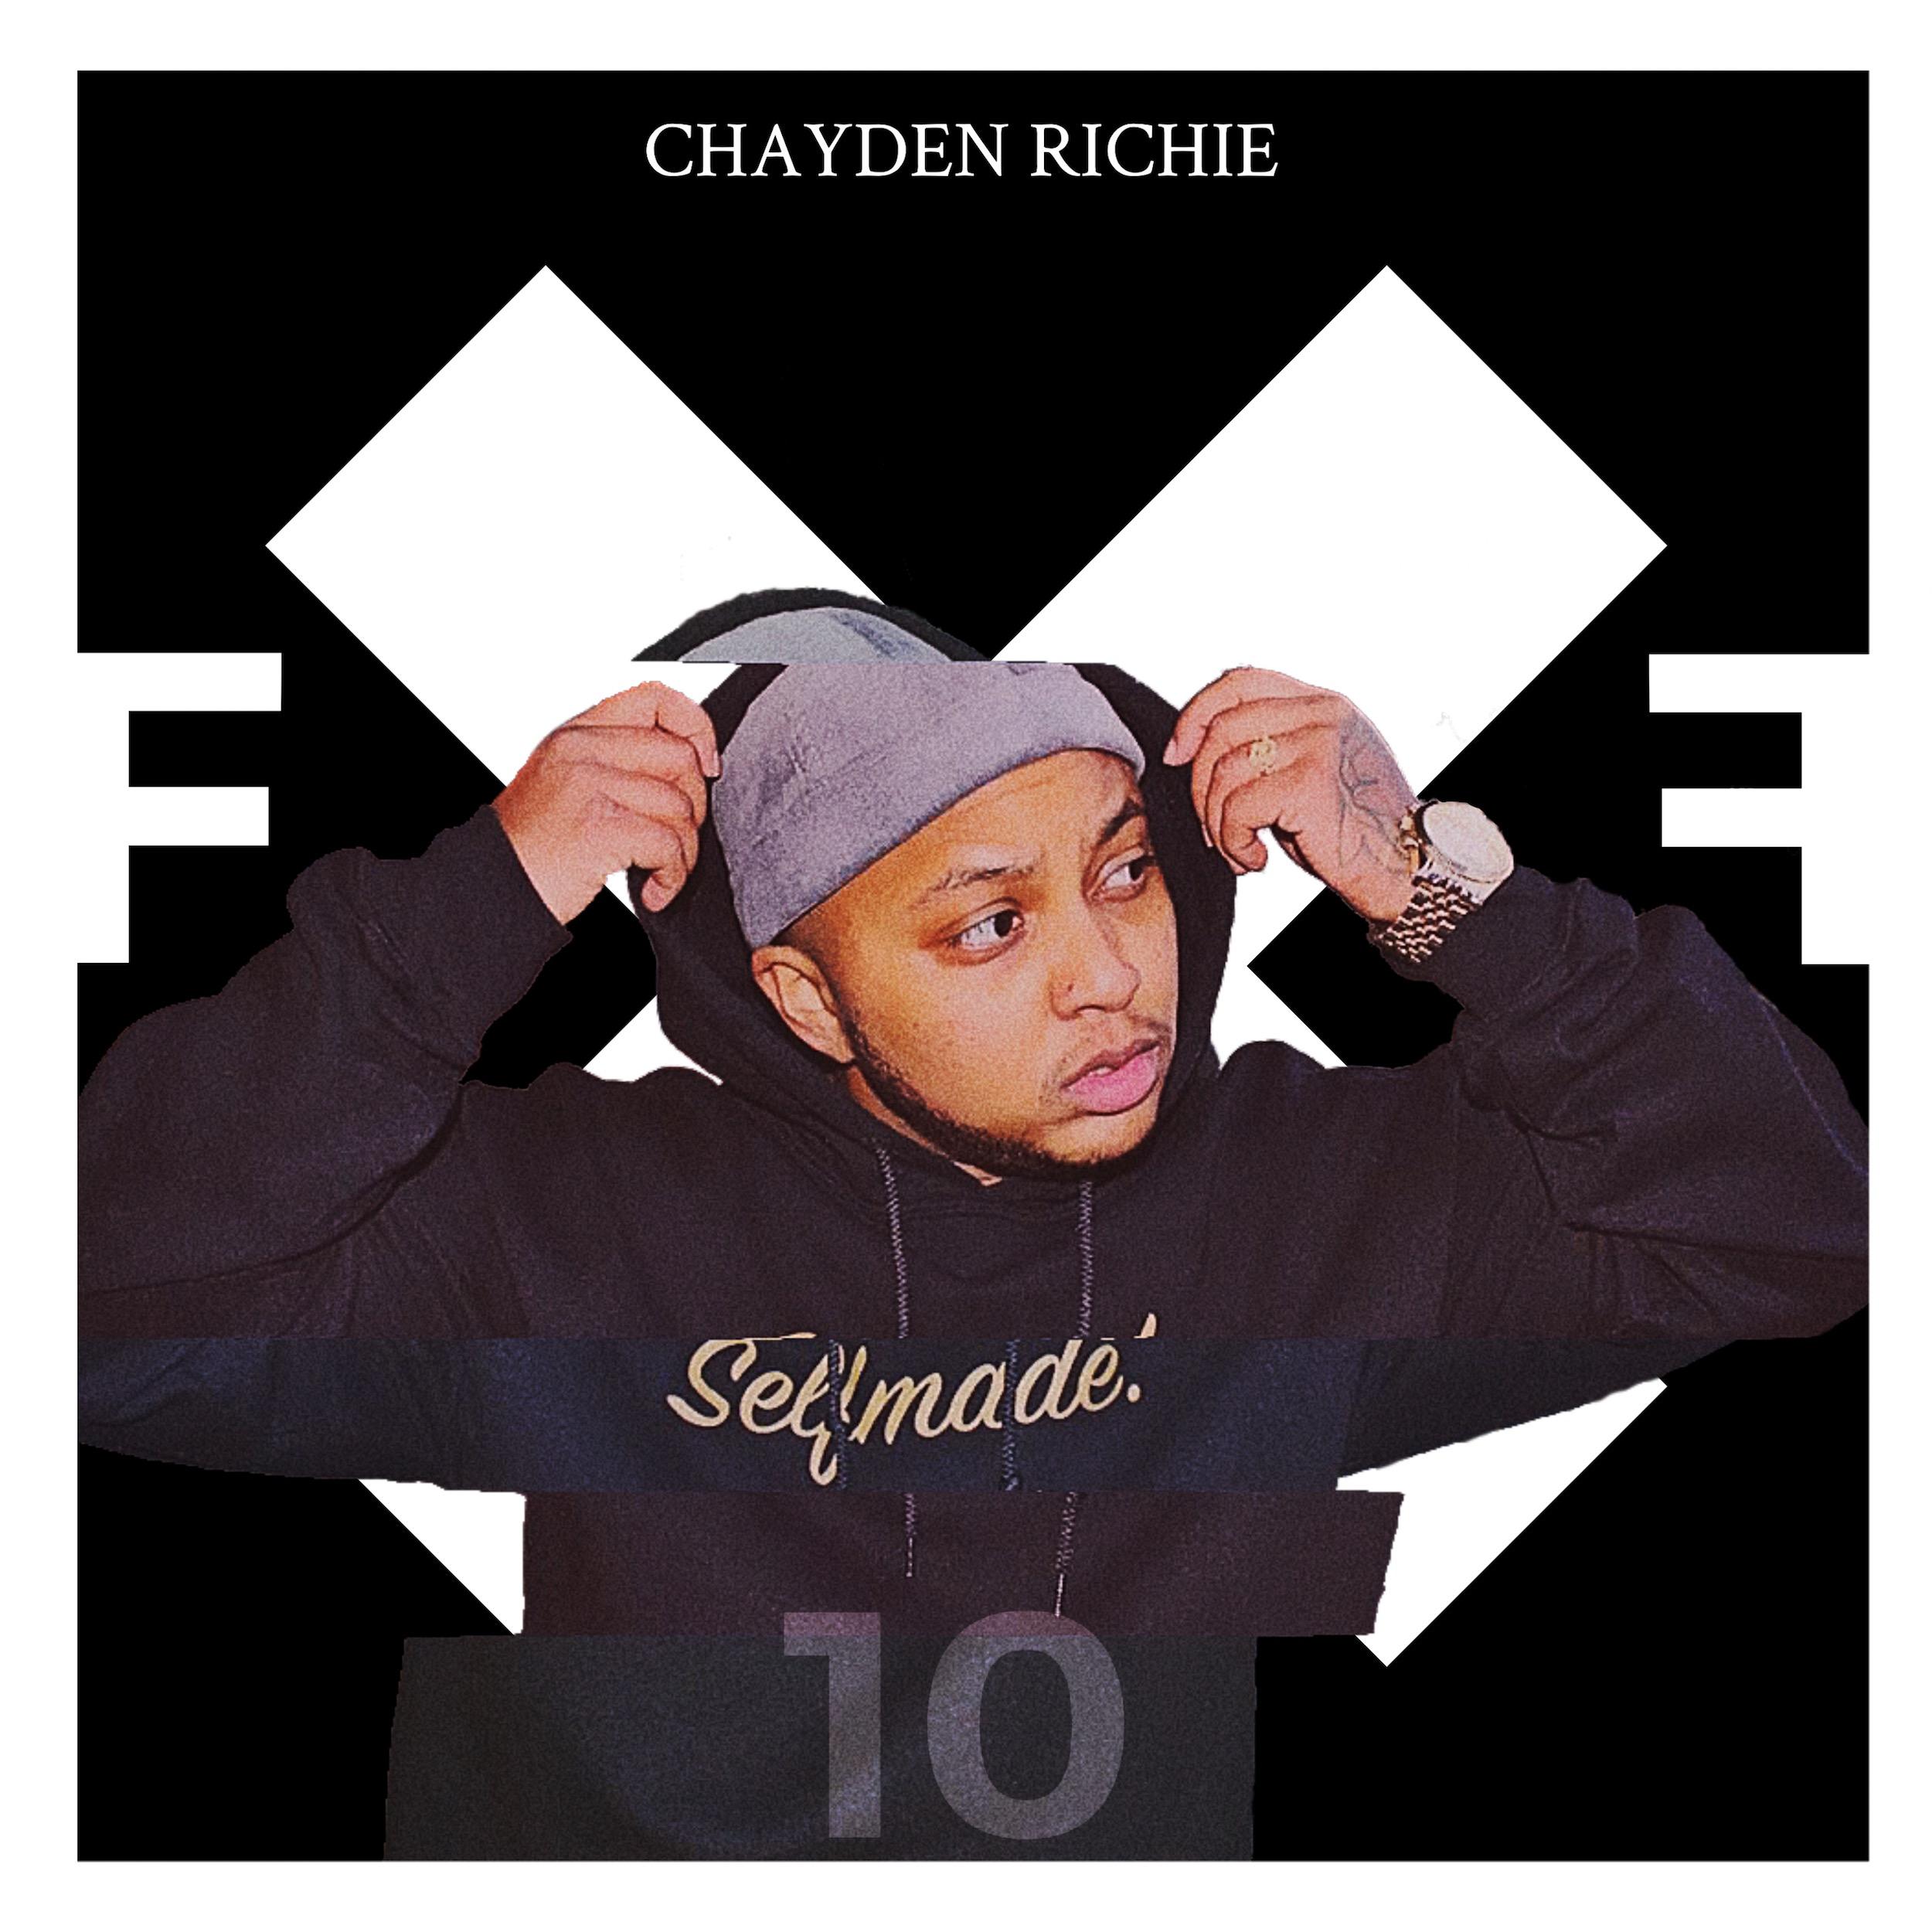 Chayden Richie - FxF10 (album)